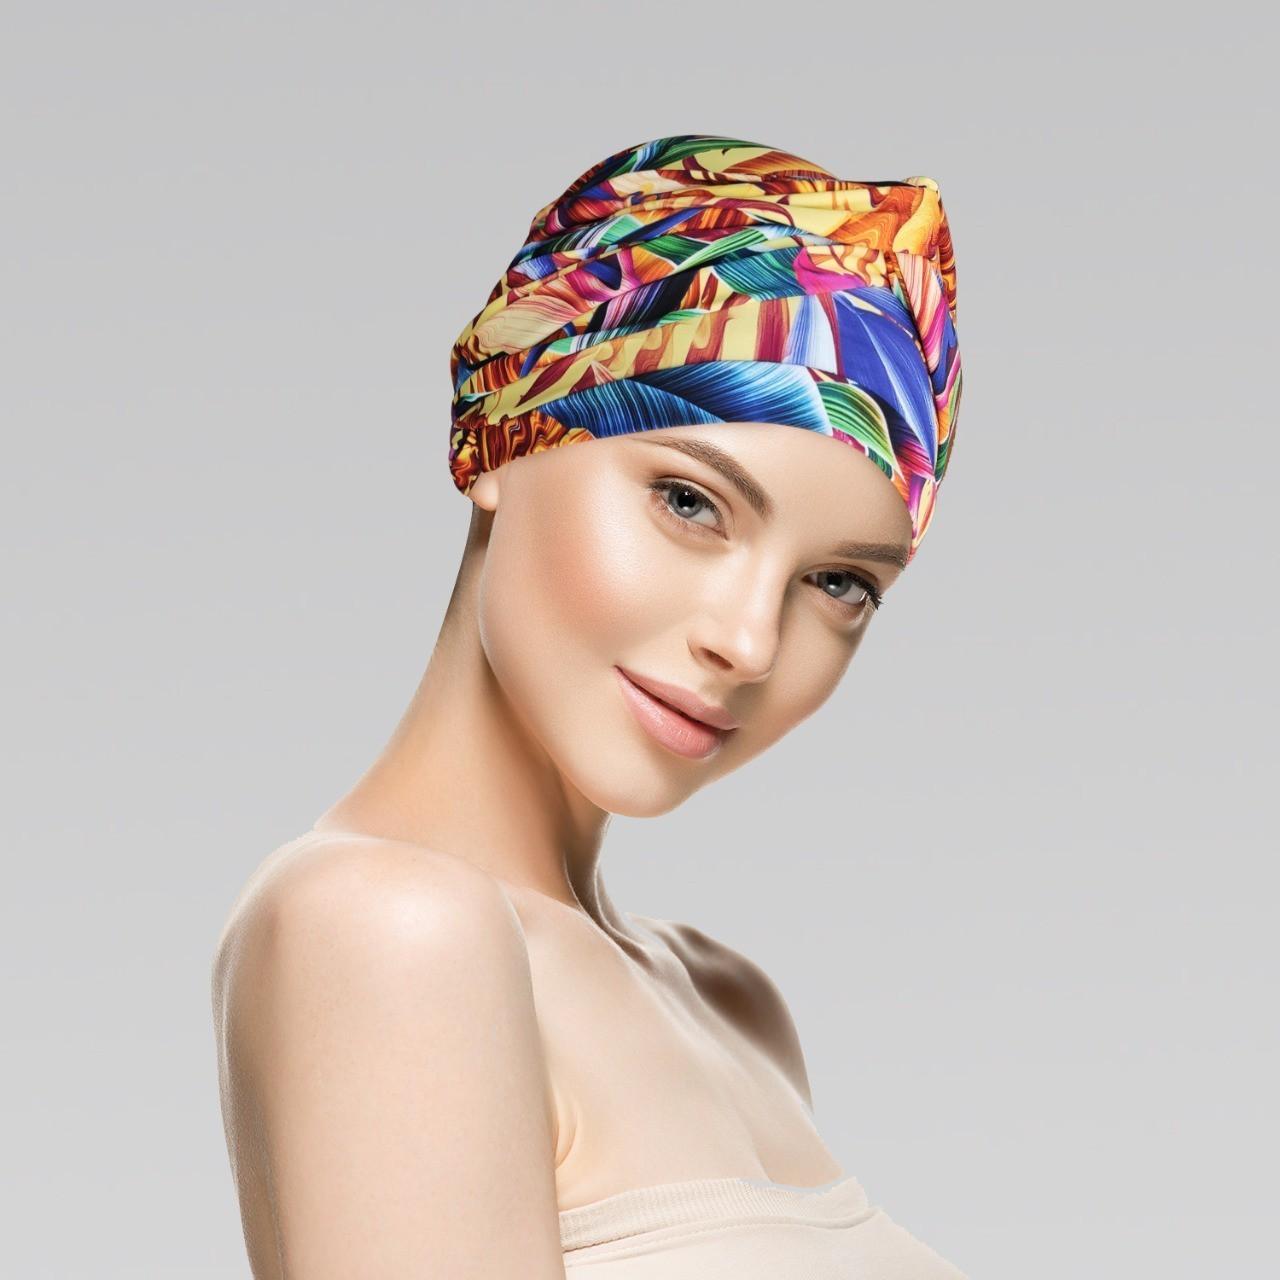 Conjunto Verão (Turbante Estampado com proteção UV+ Tiara simples Branco)